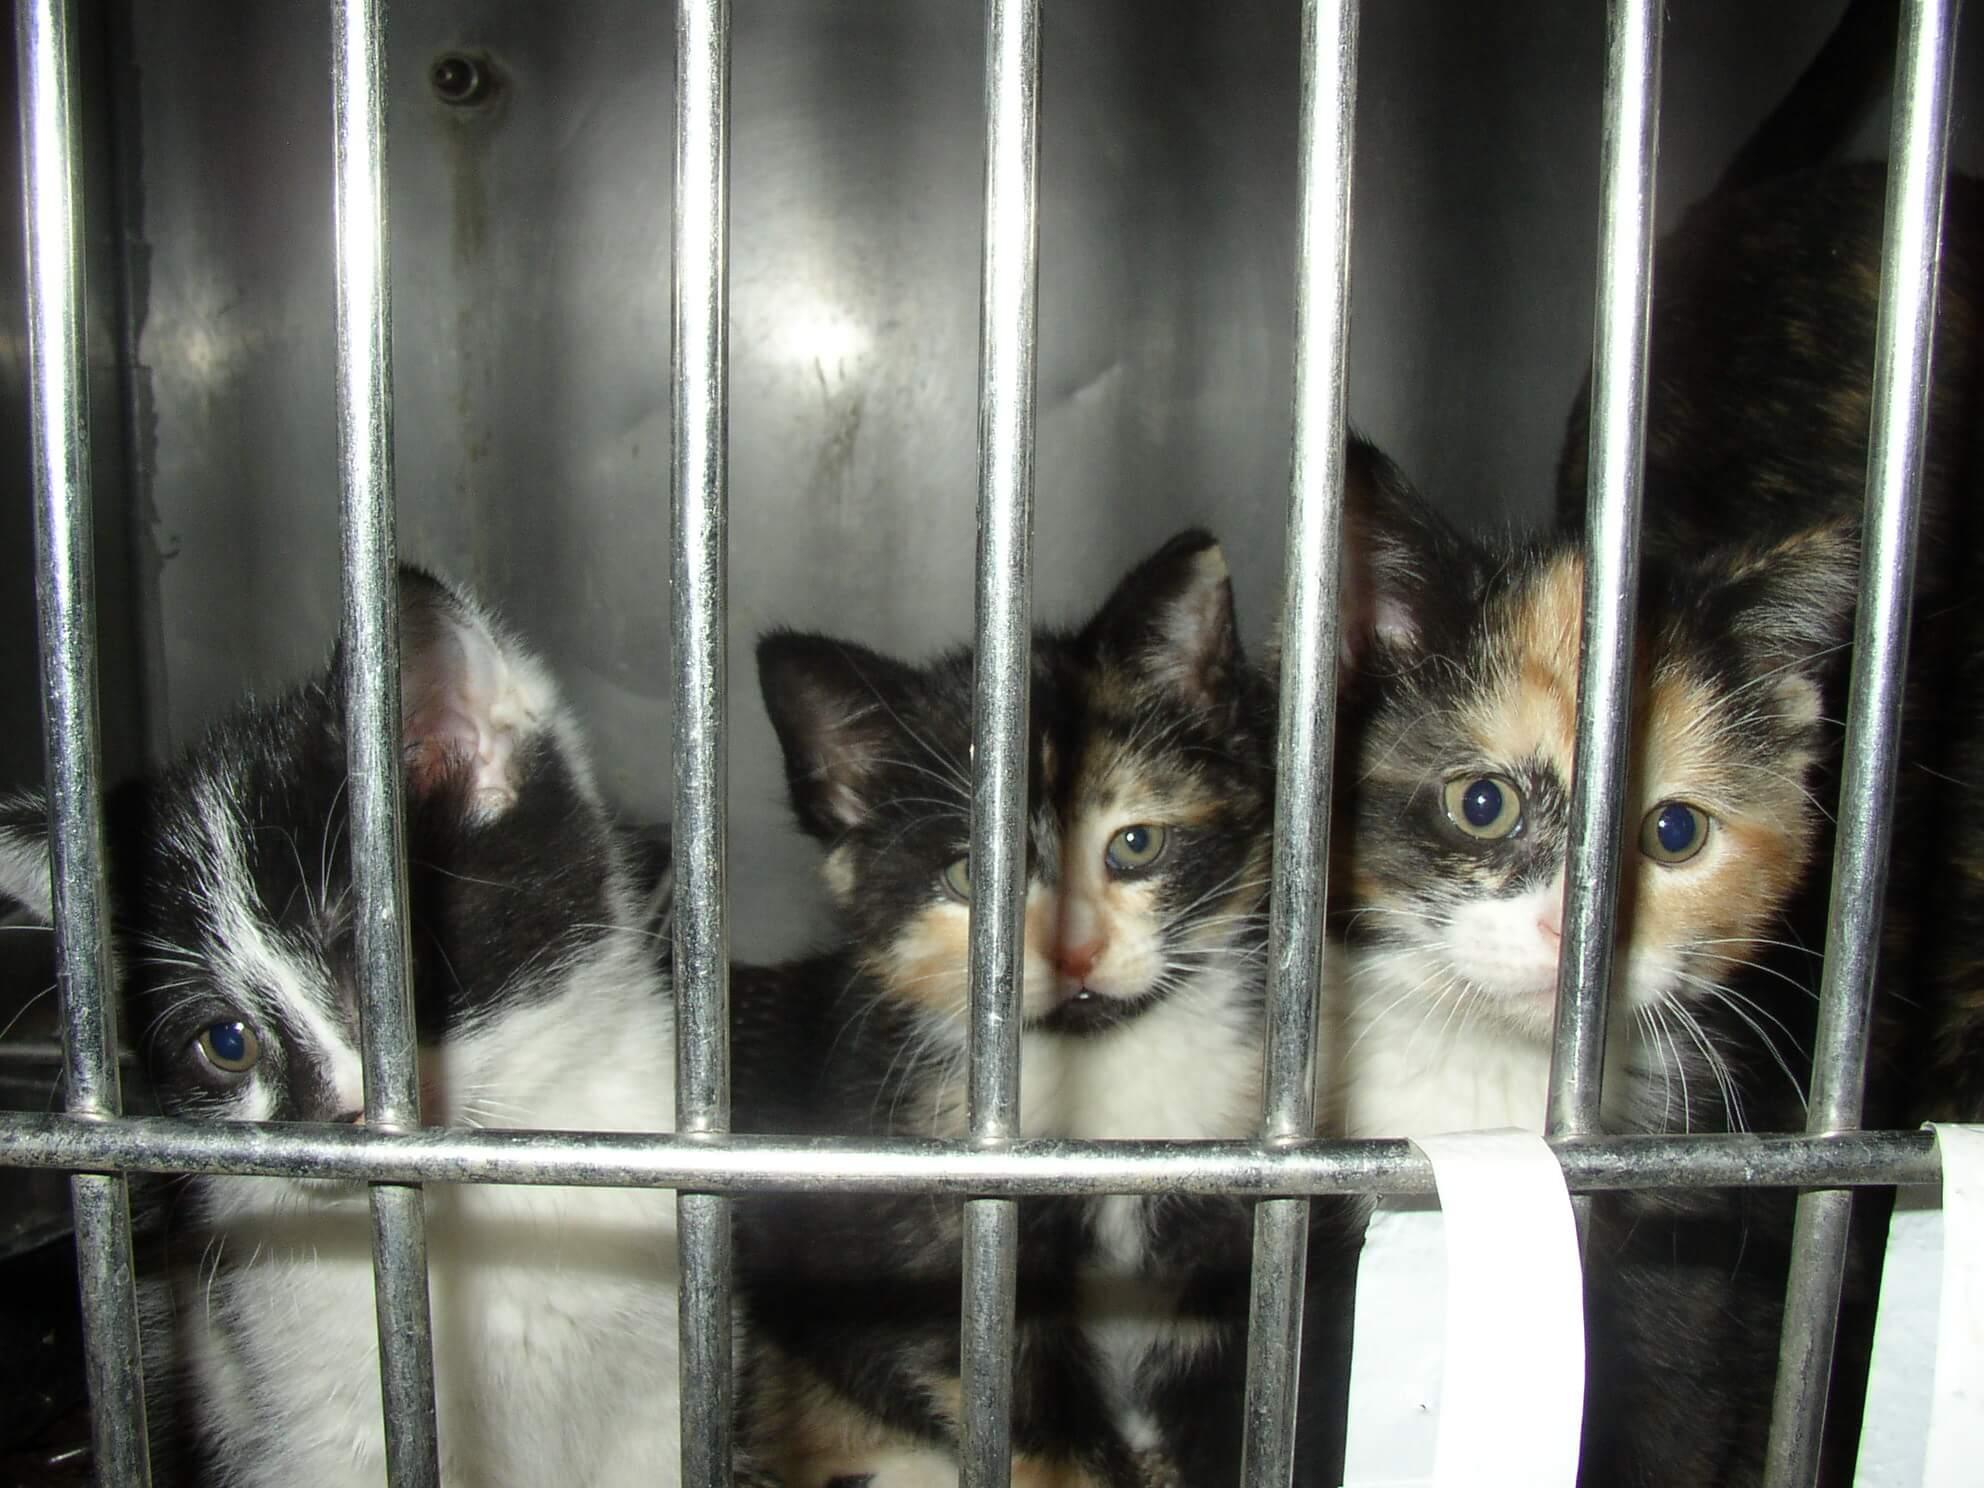 kittens in shelter